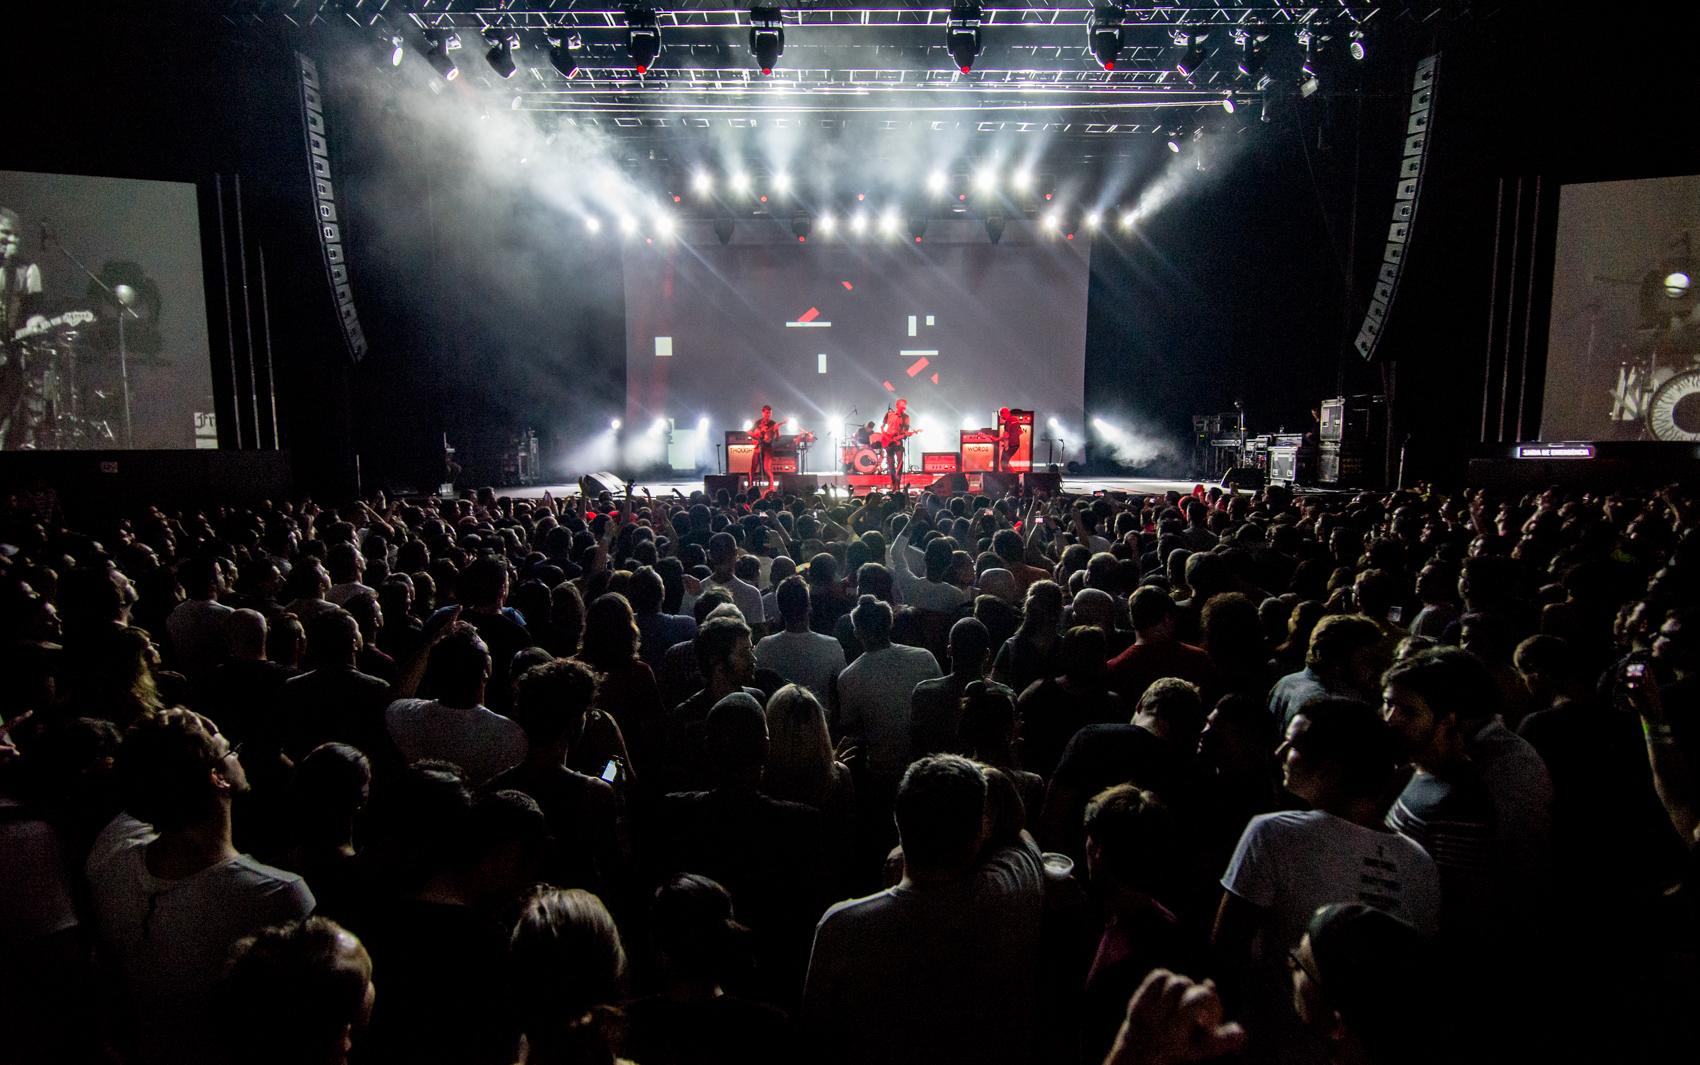 A banda escocesa Franz Ferdinand se apresenta nesta terça-feira (30) no Espaço das Américas, em São Paulo. Sétima apresentação do grupo no país traz hits antigos além de repertório do disco mais recente 'Right thoughts, right words, right action'